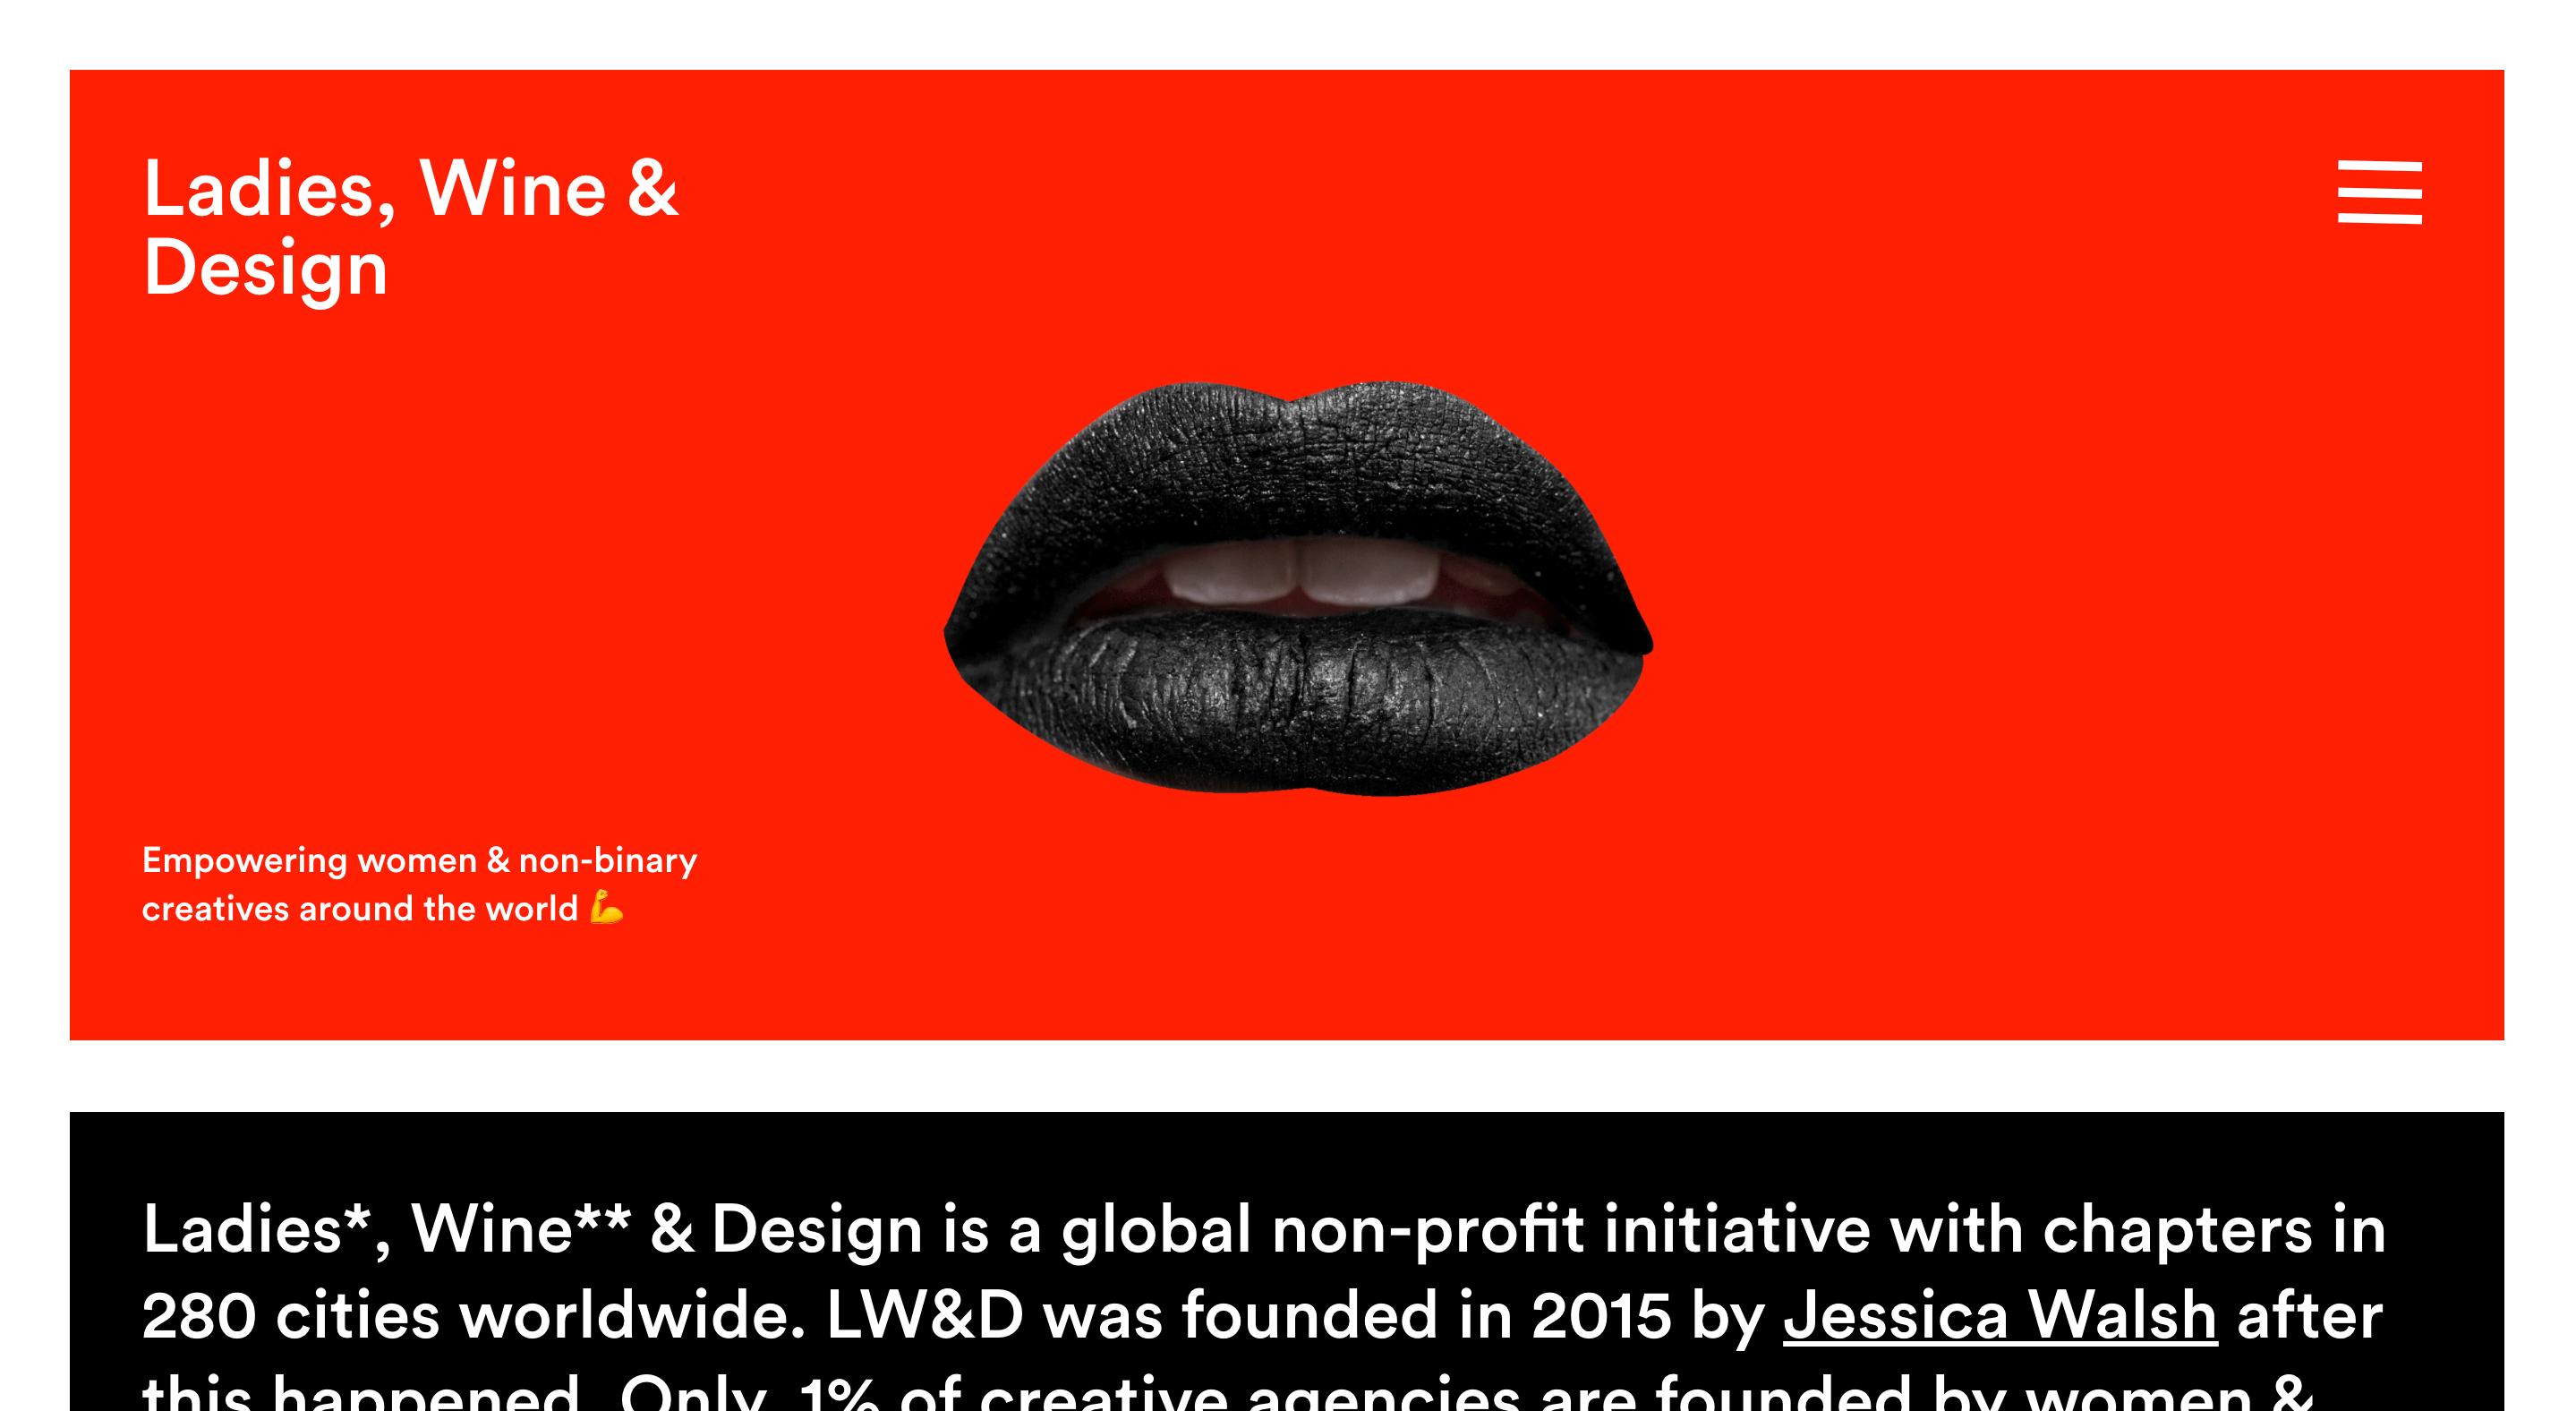 Ladies Wine and Design